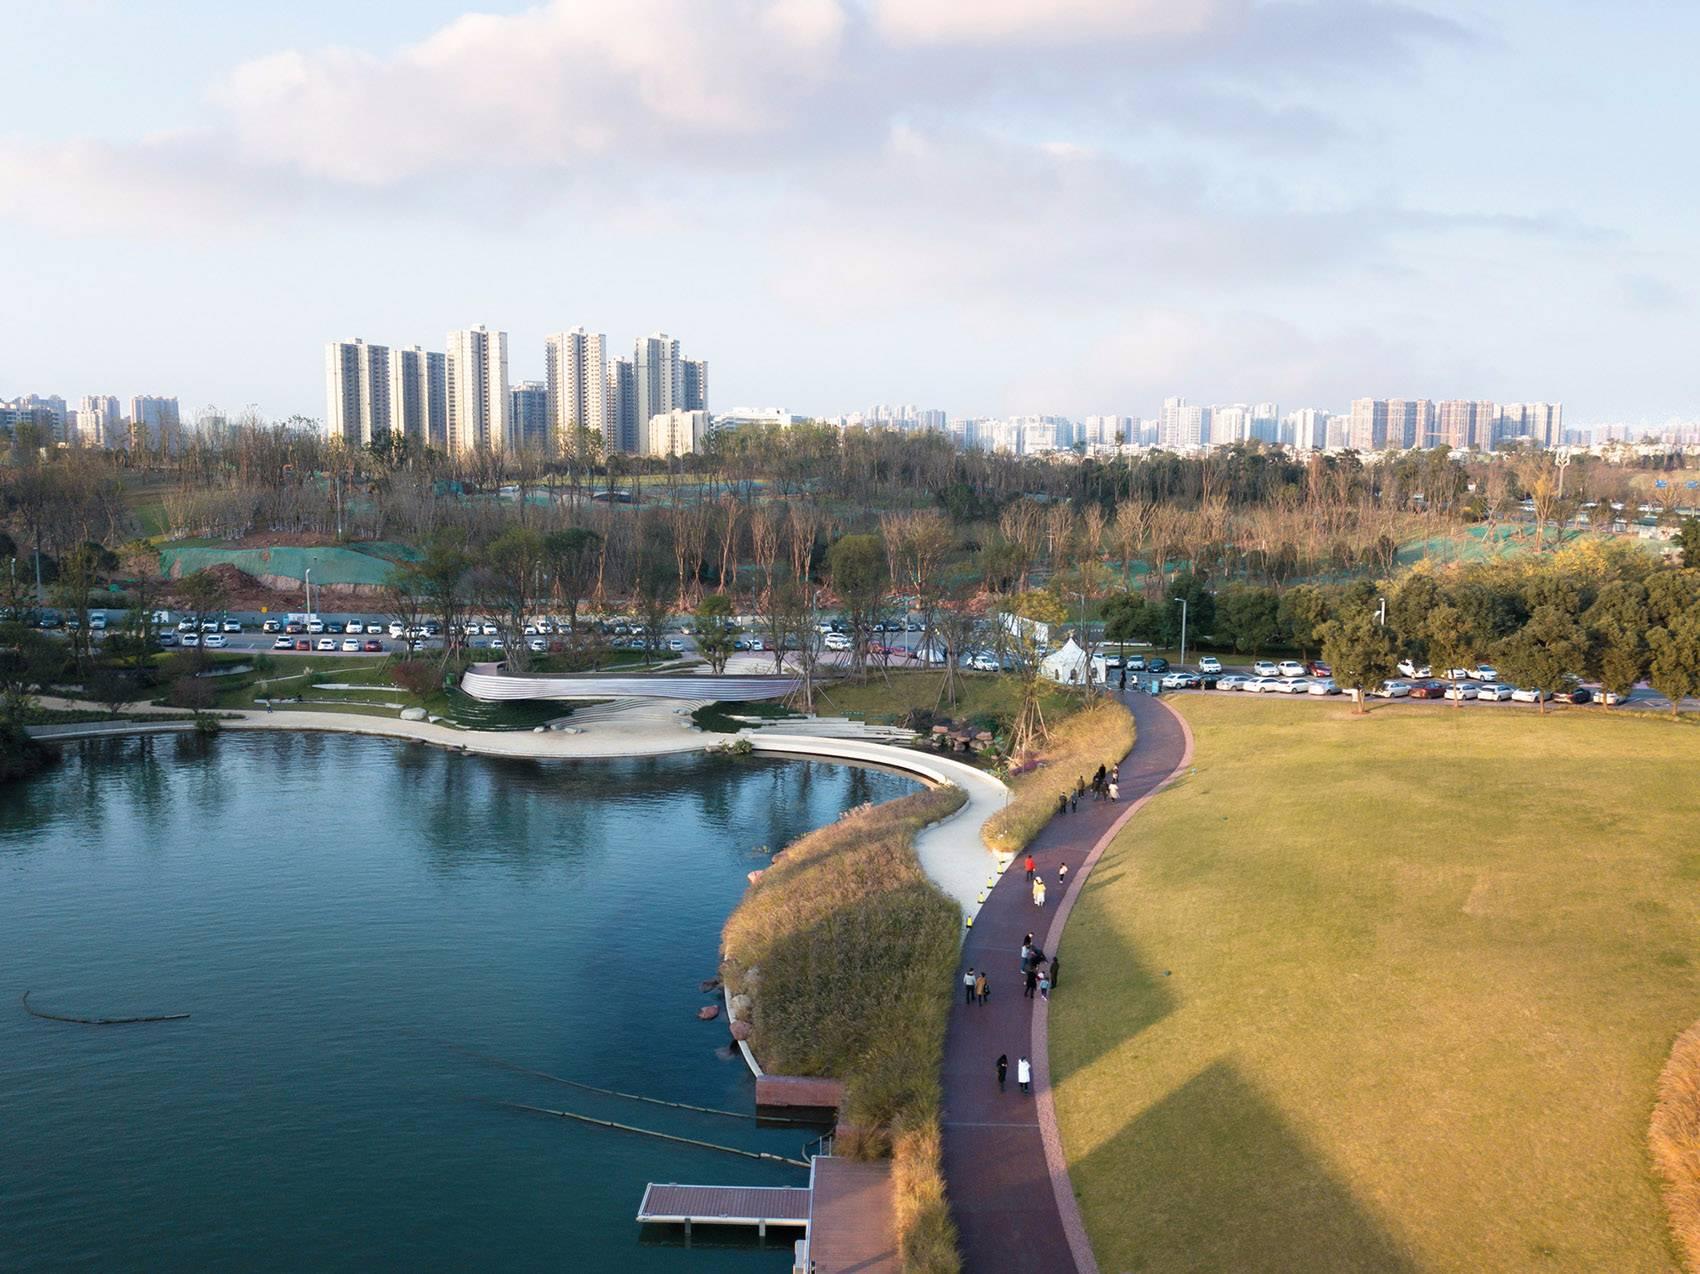 成都麓湖生态城G1艺展公园景观设计|GVL怡境条漫场景绘制图片